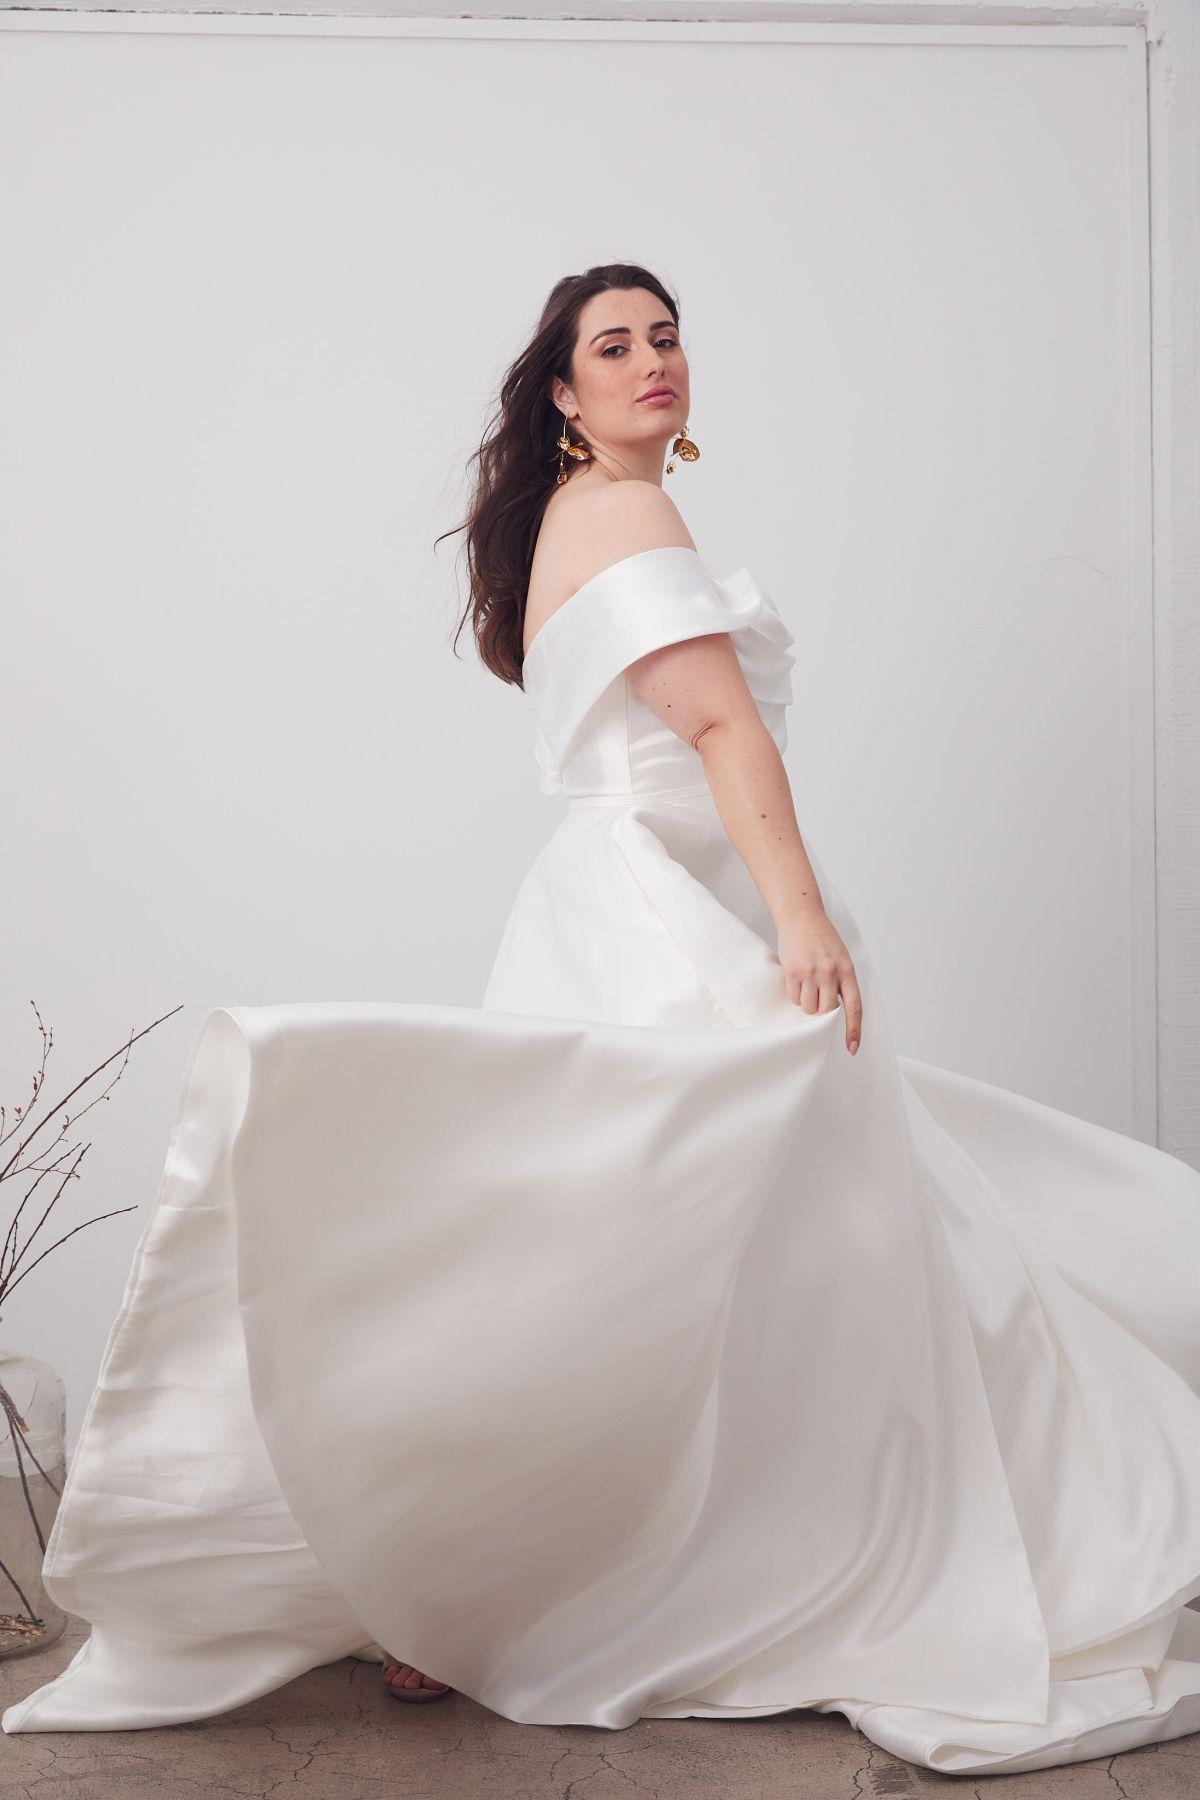 Le Belle Curve Wedding Gown _08 1630